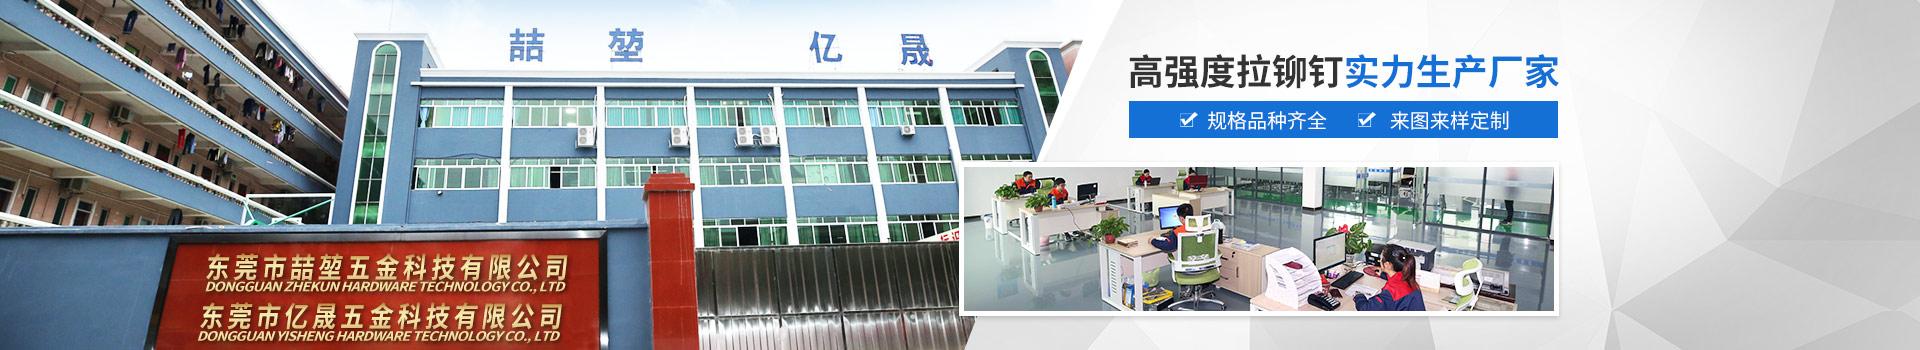 喆堃-高强度拉铆钉实力生产厂家